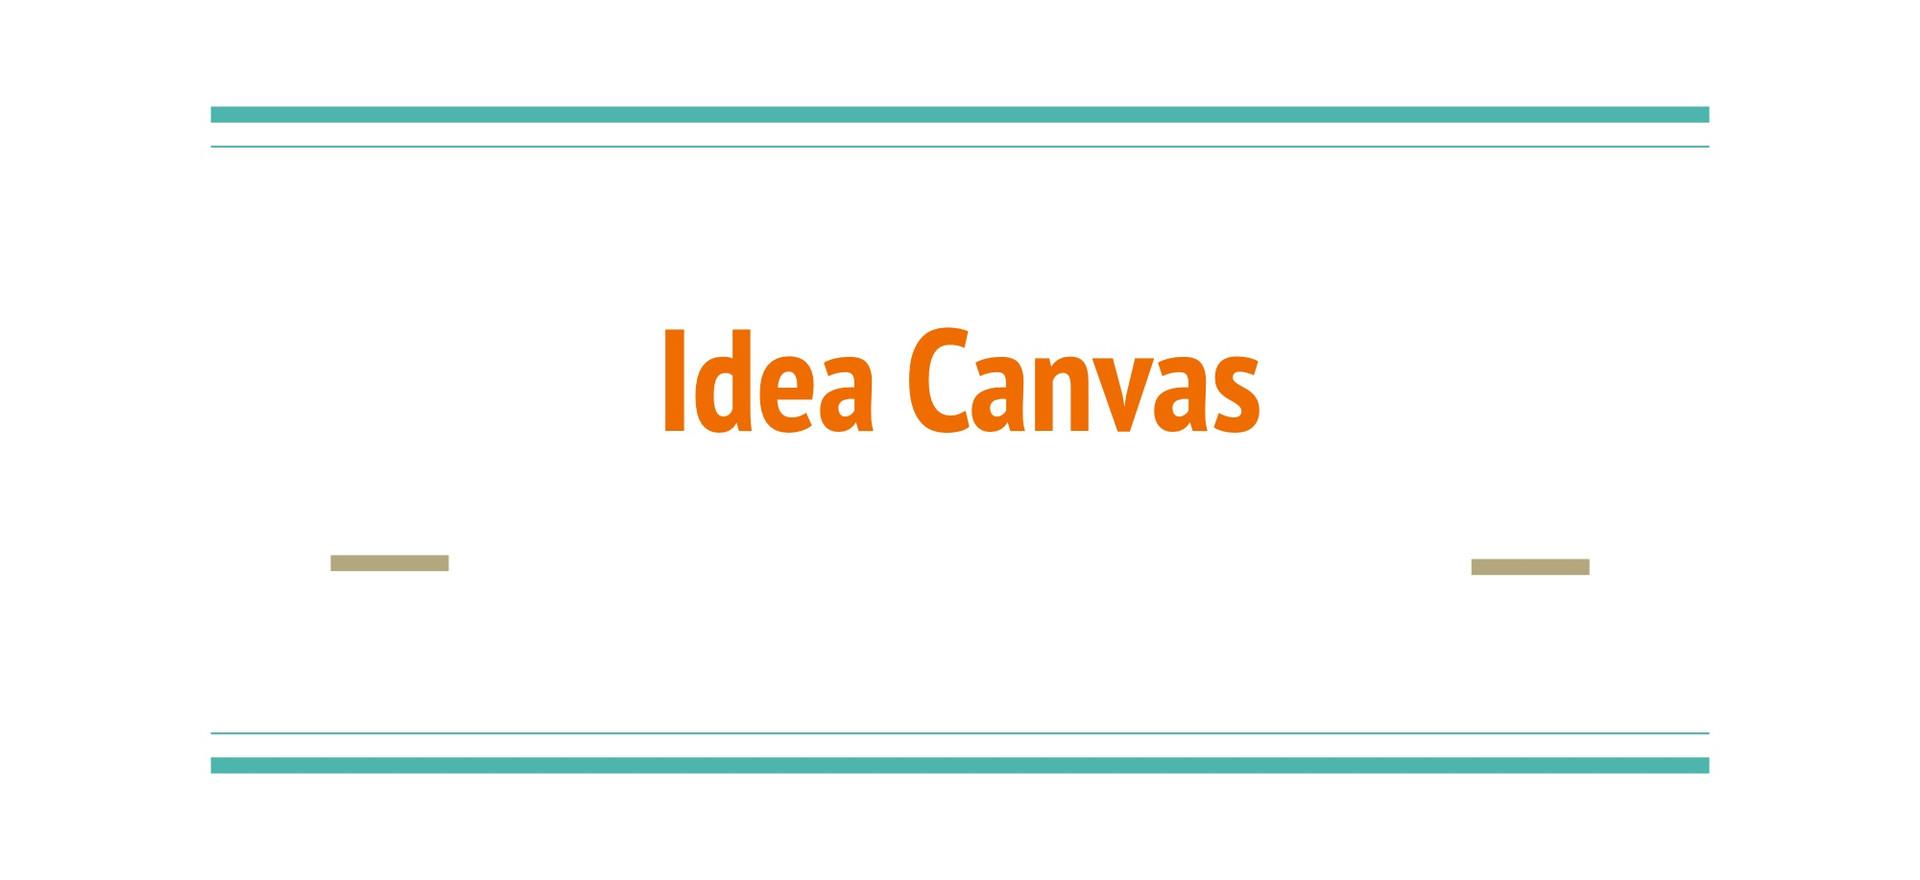 Idea Canvas